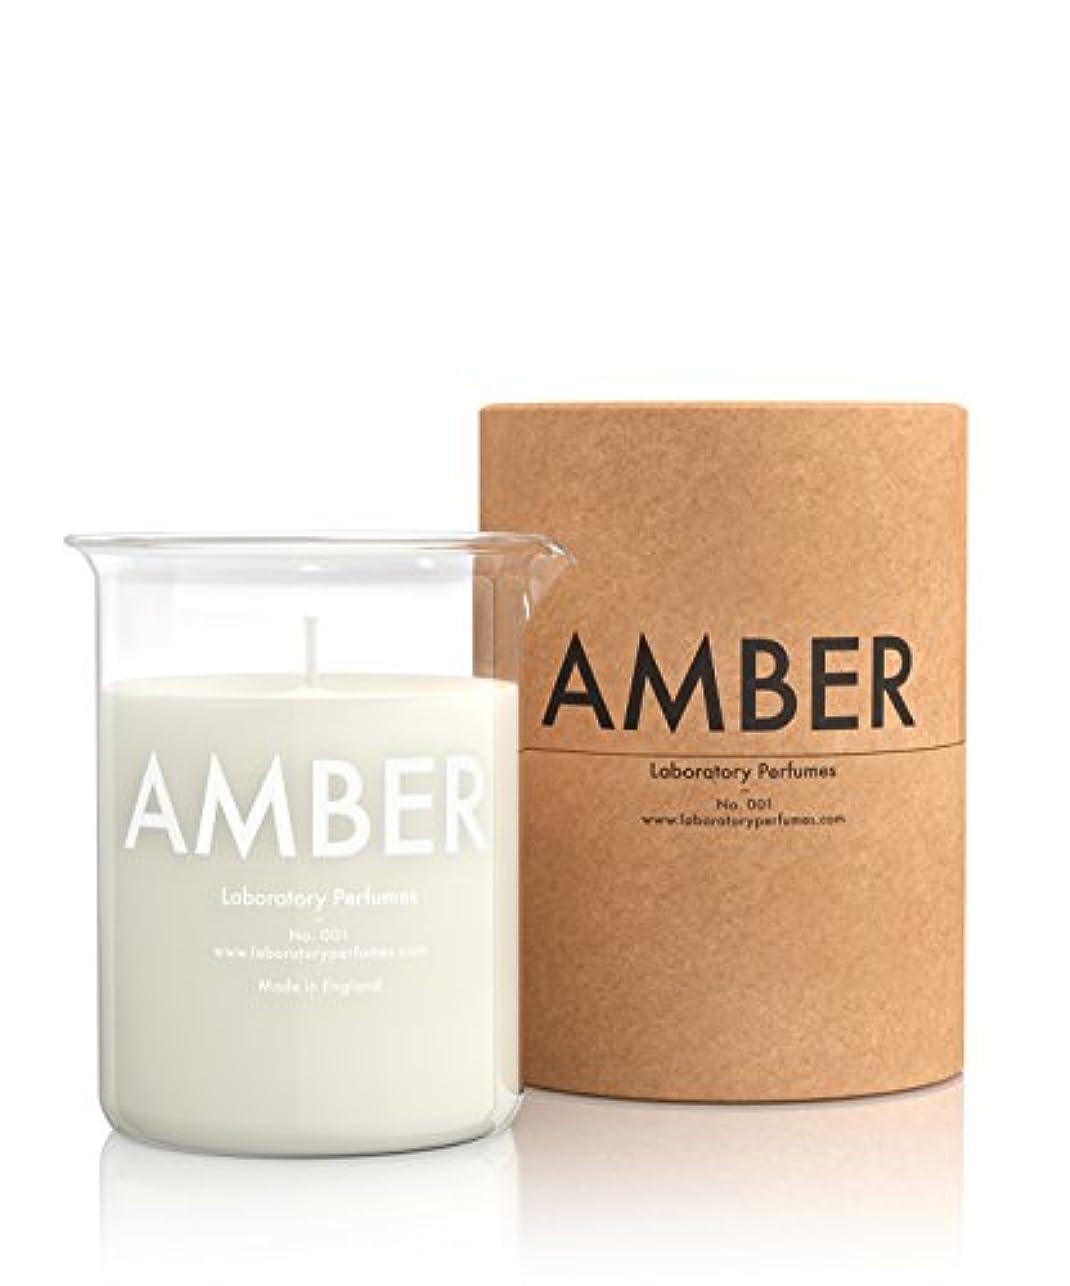 ジャングル警戒局Labortory Perfumes キャンドル アンバー Amber (フローラルウッディー Floral Woody) Candle ラボラトリー パフューム